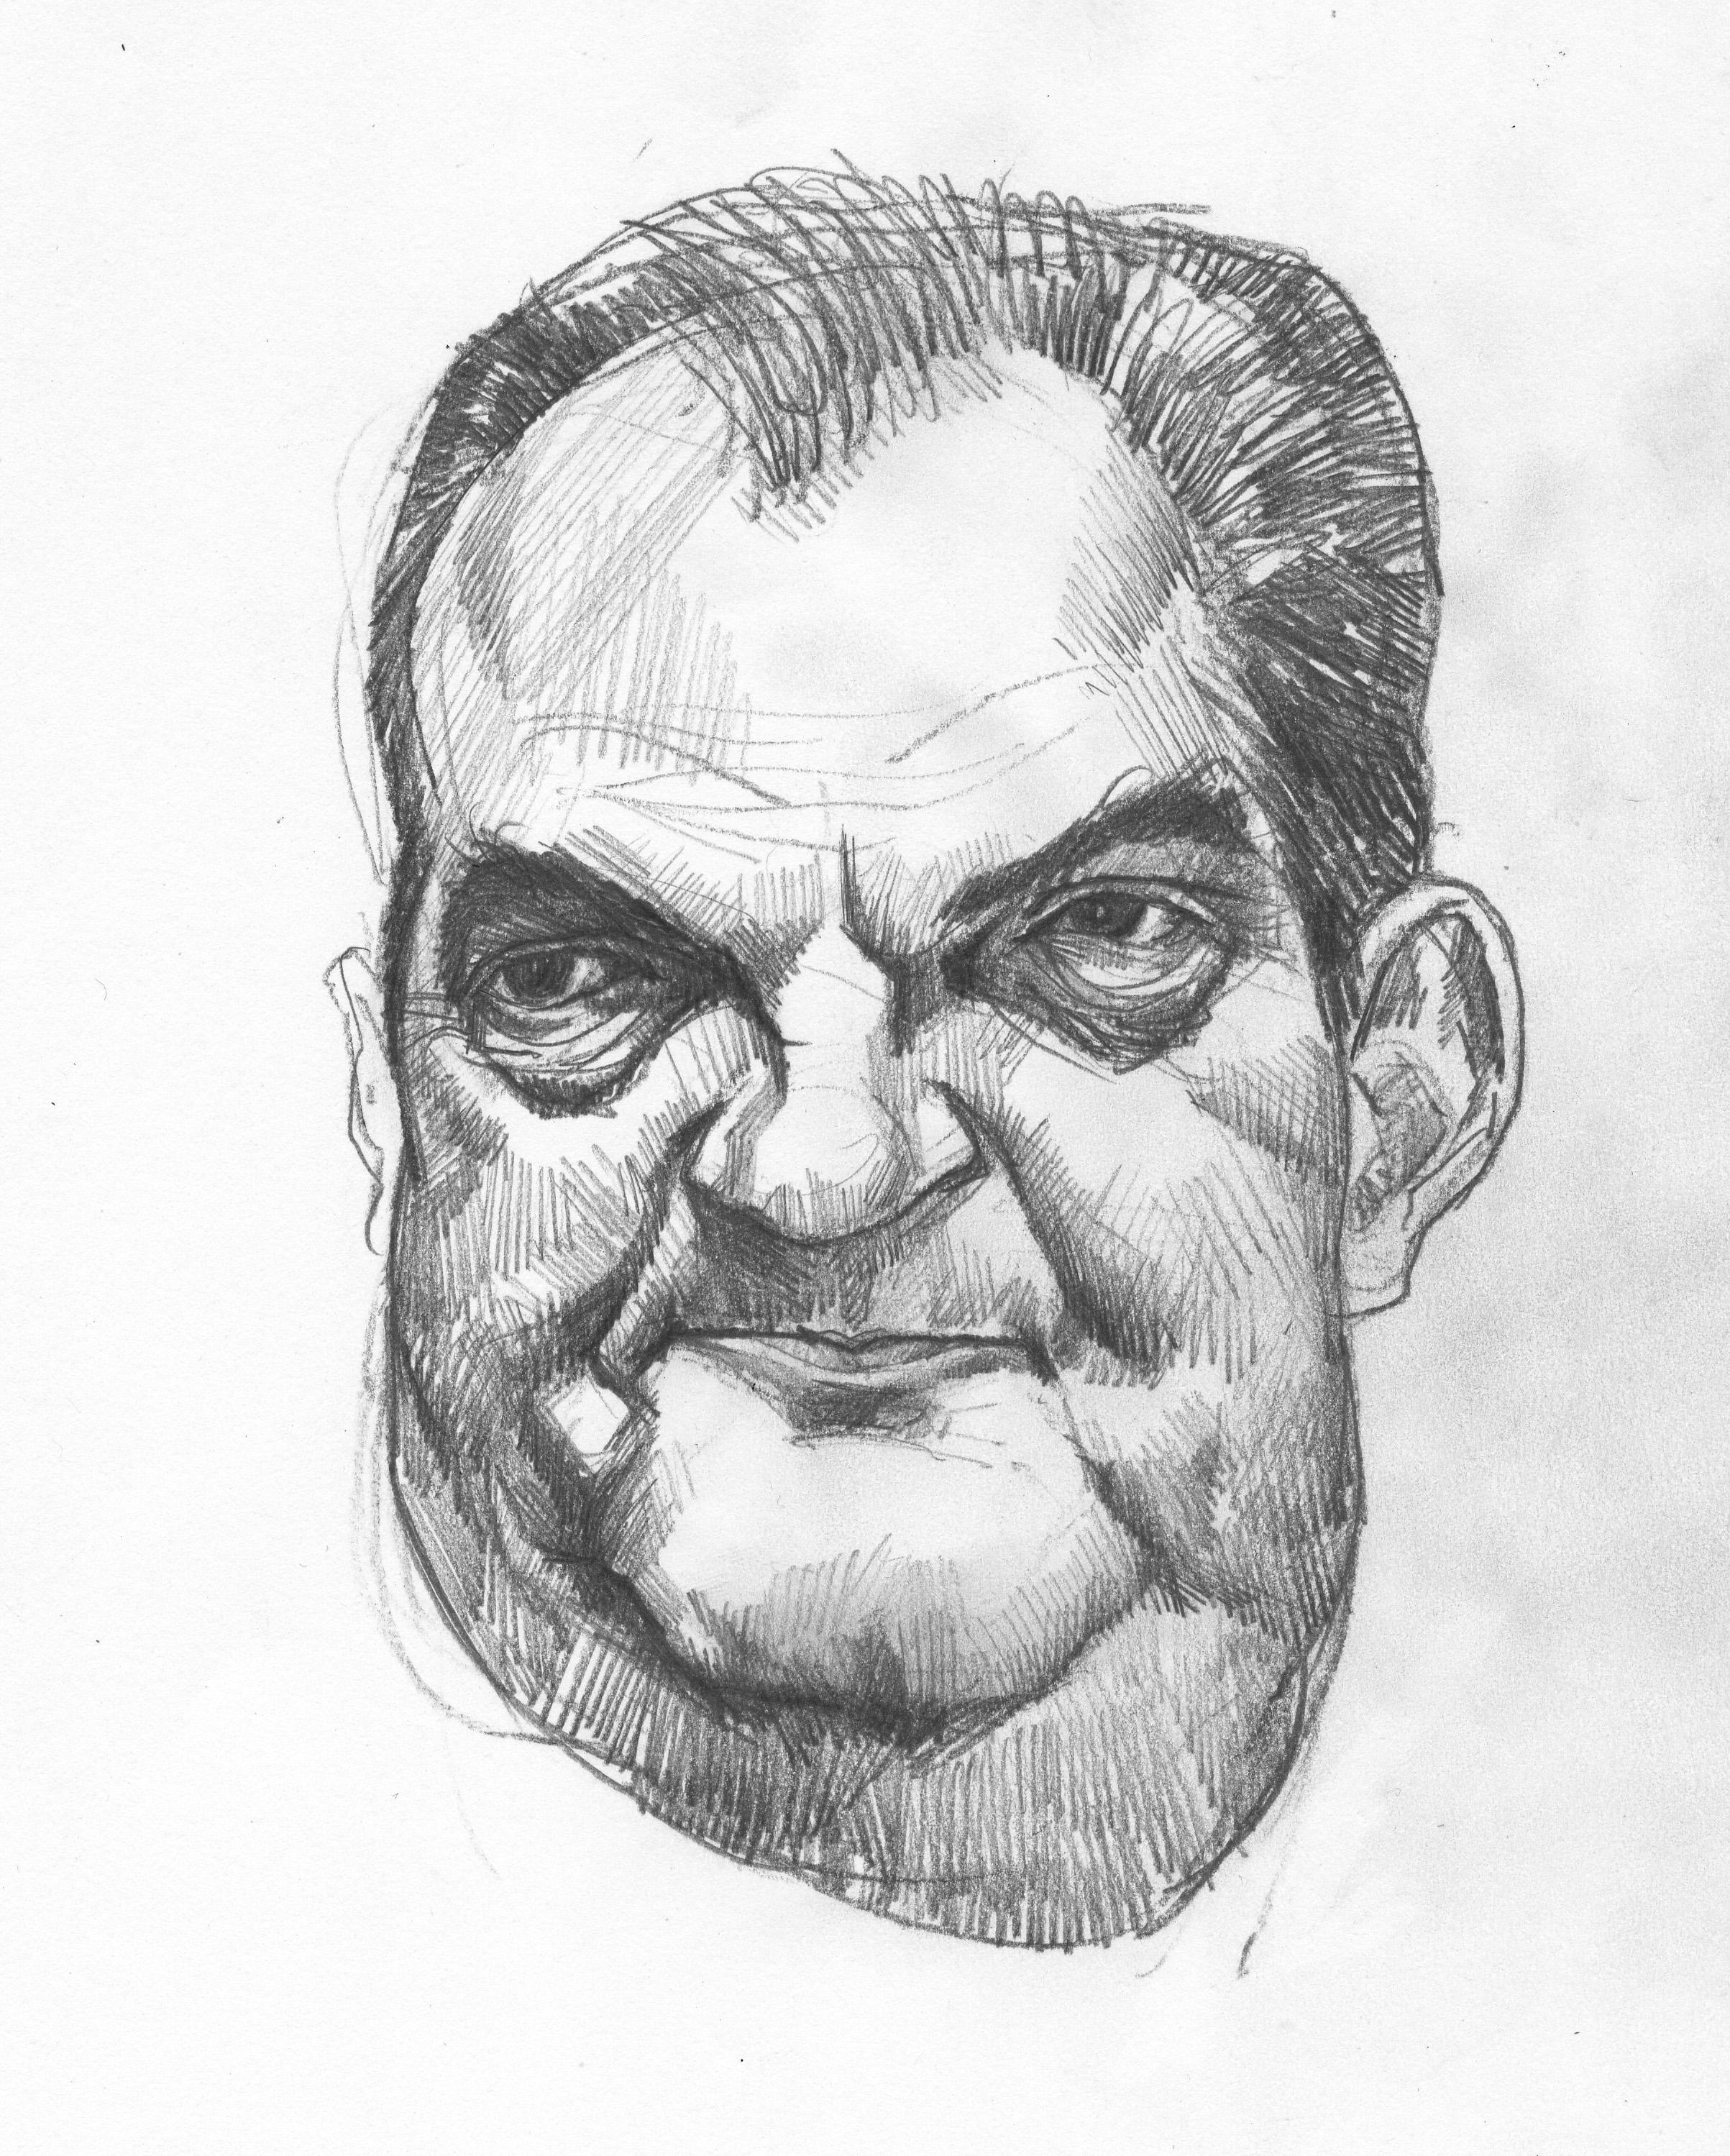 K.Karamanlis sketchbook